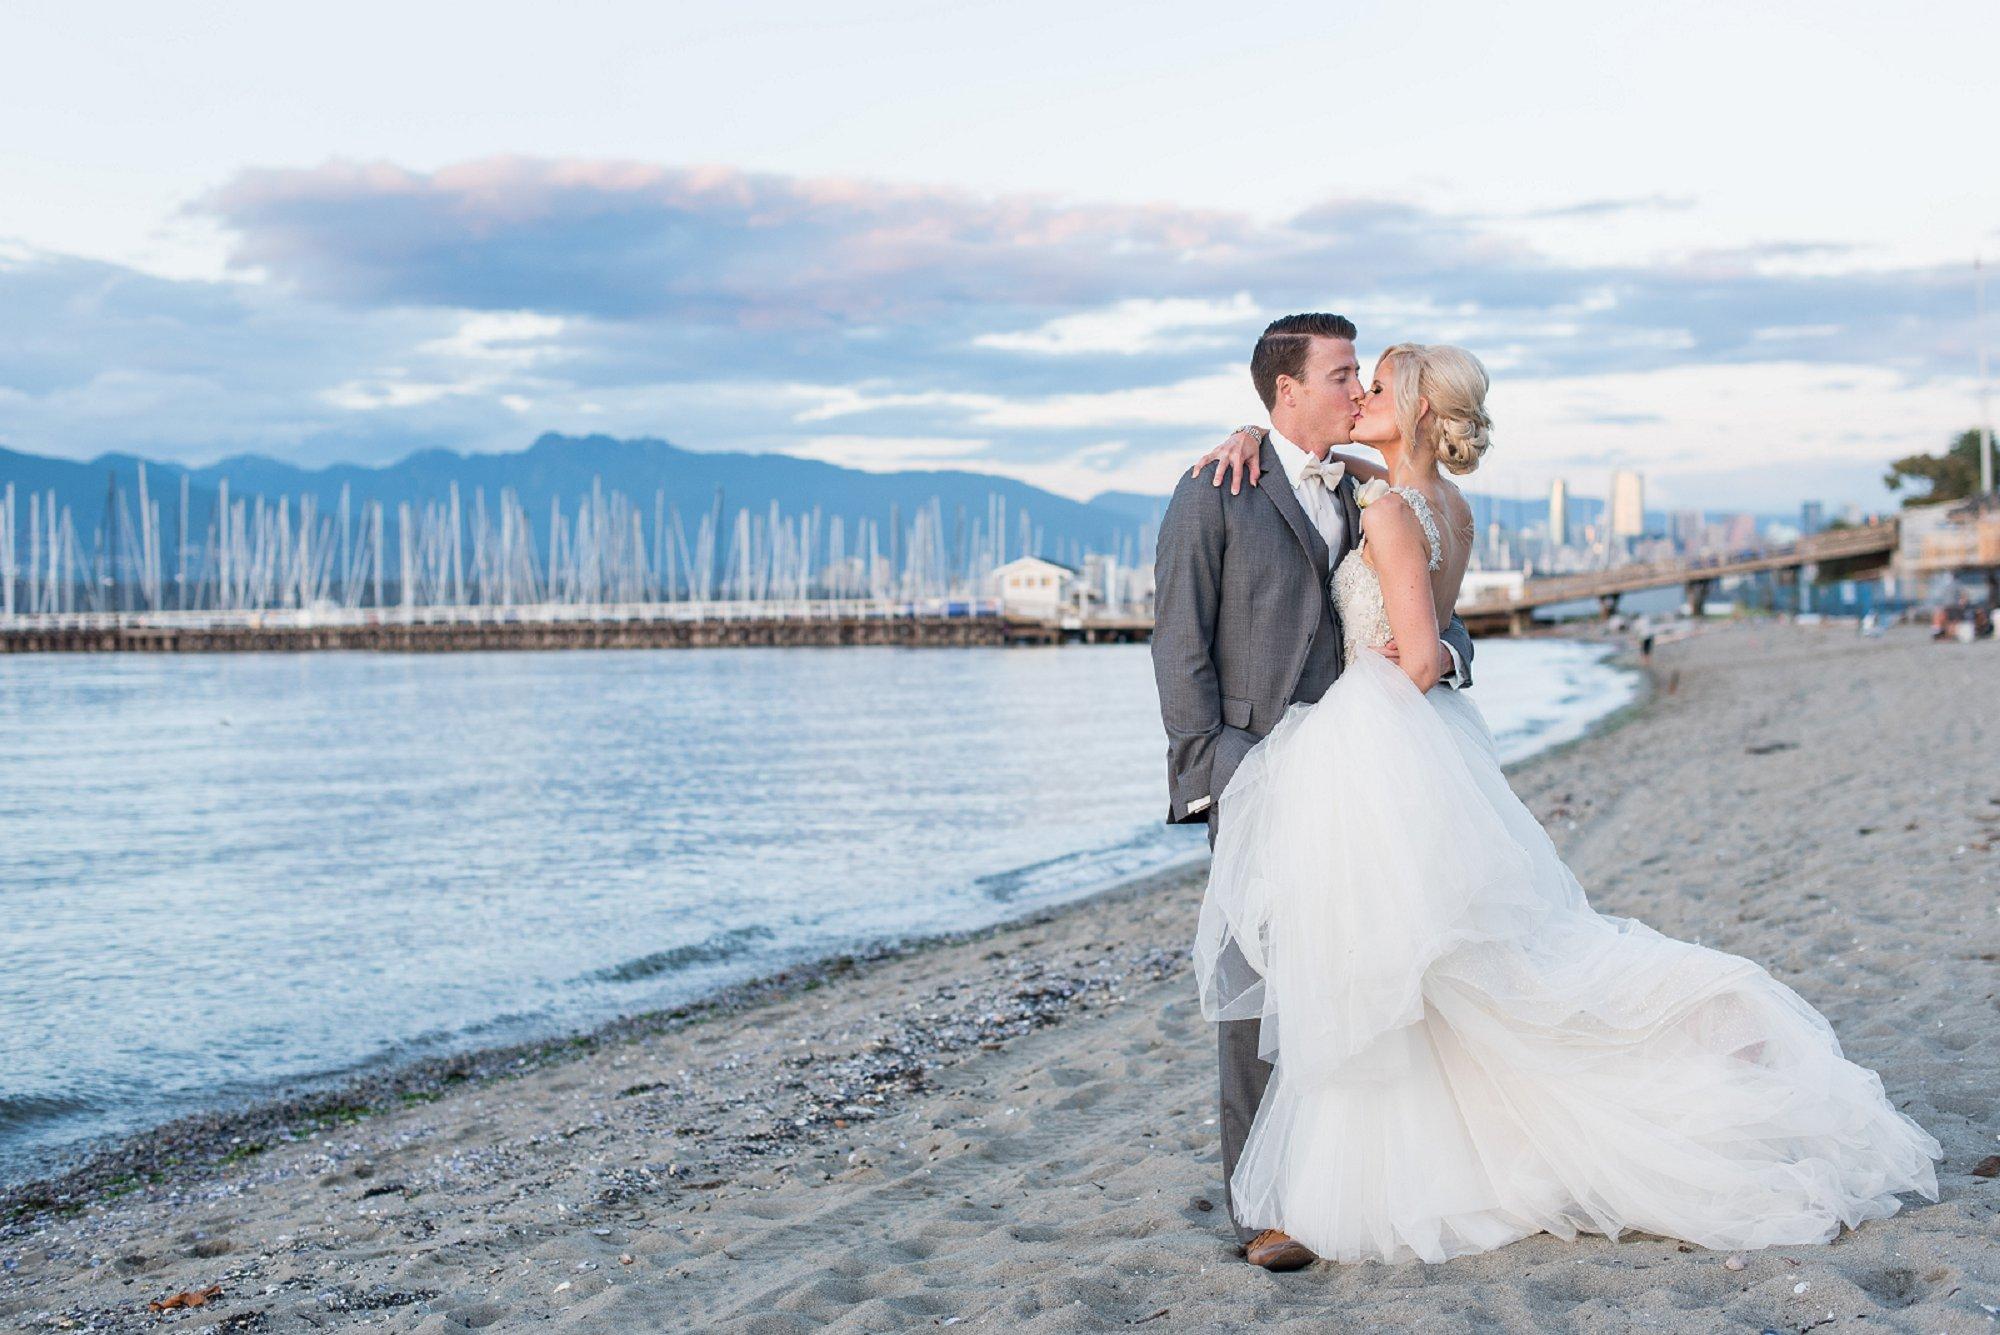 Vancouver Wedding Photography Hayley Rae Photography_004.jpg